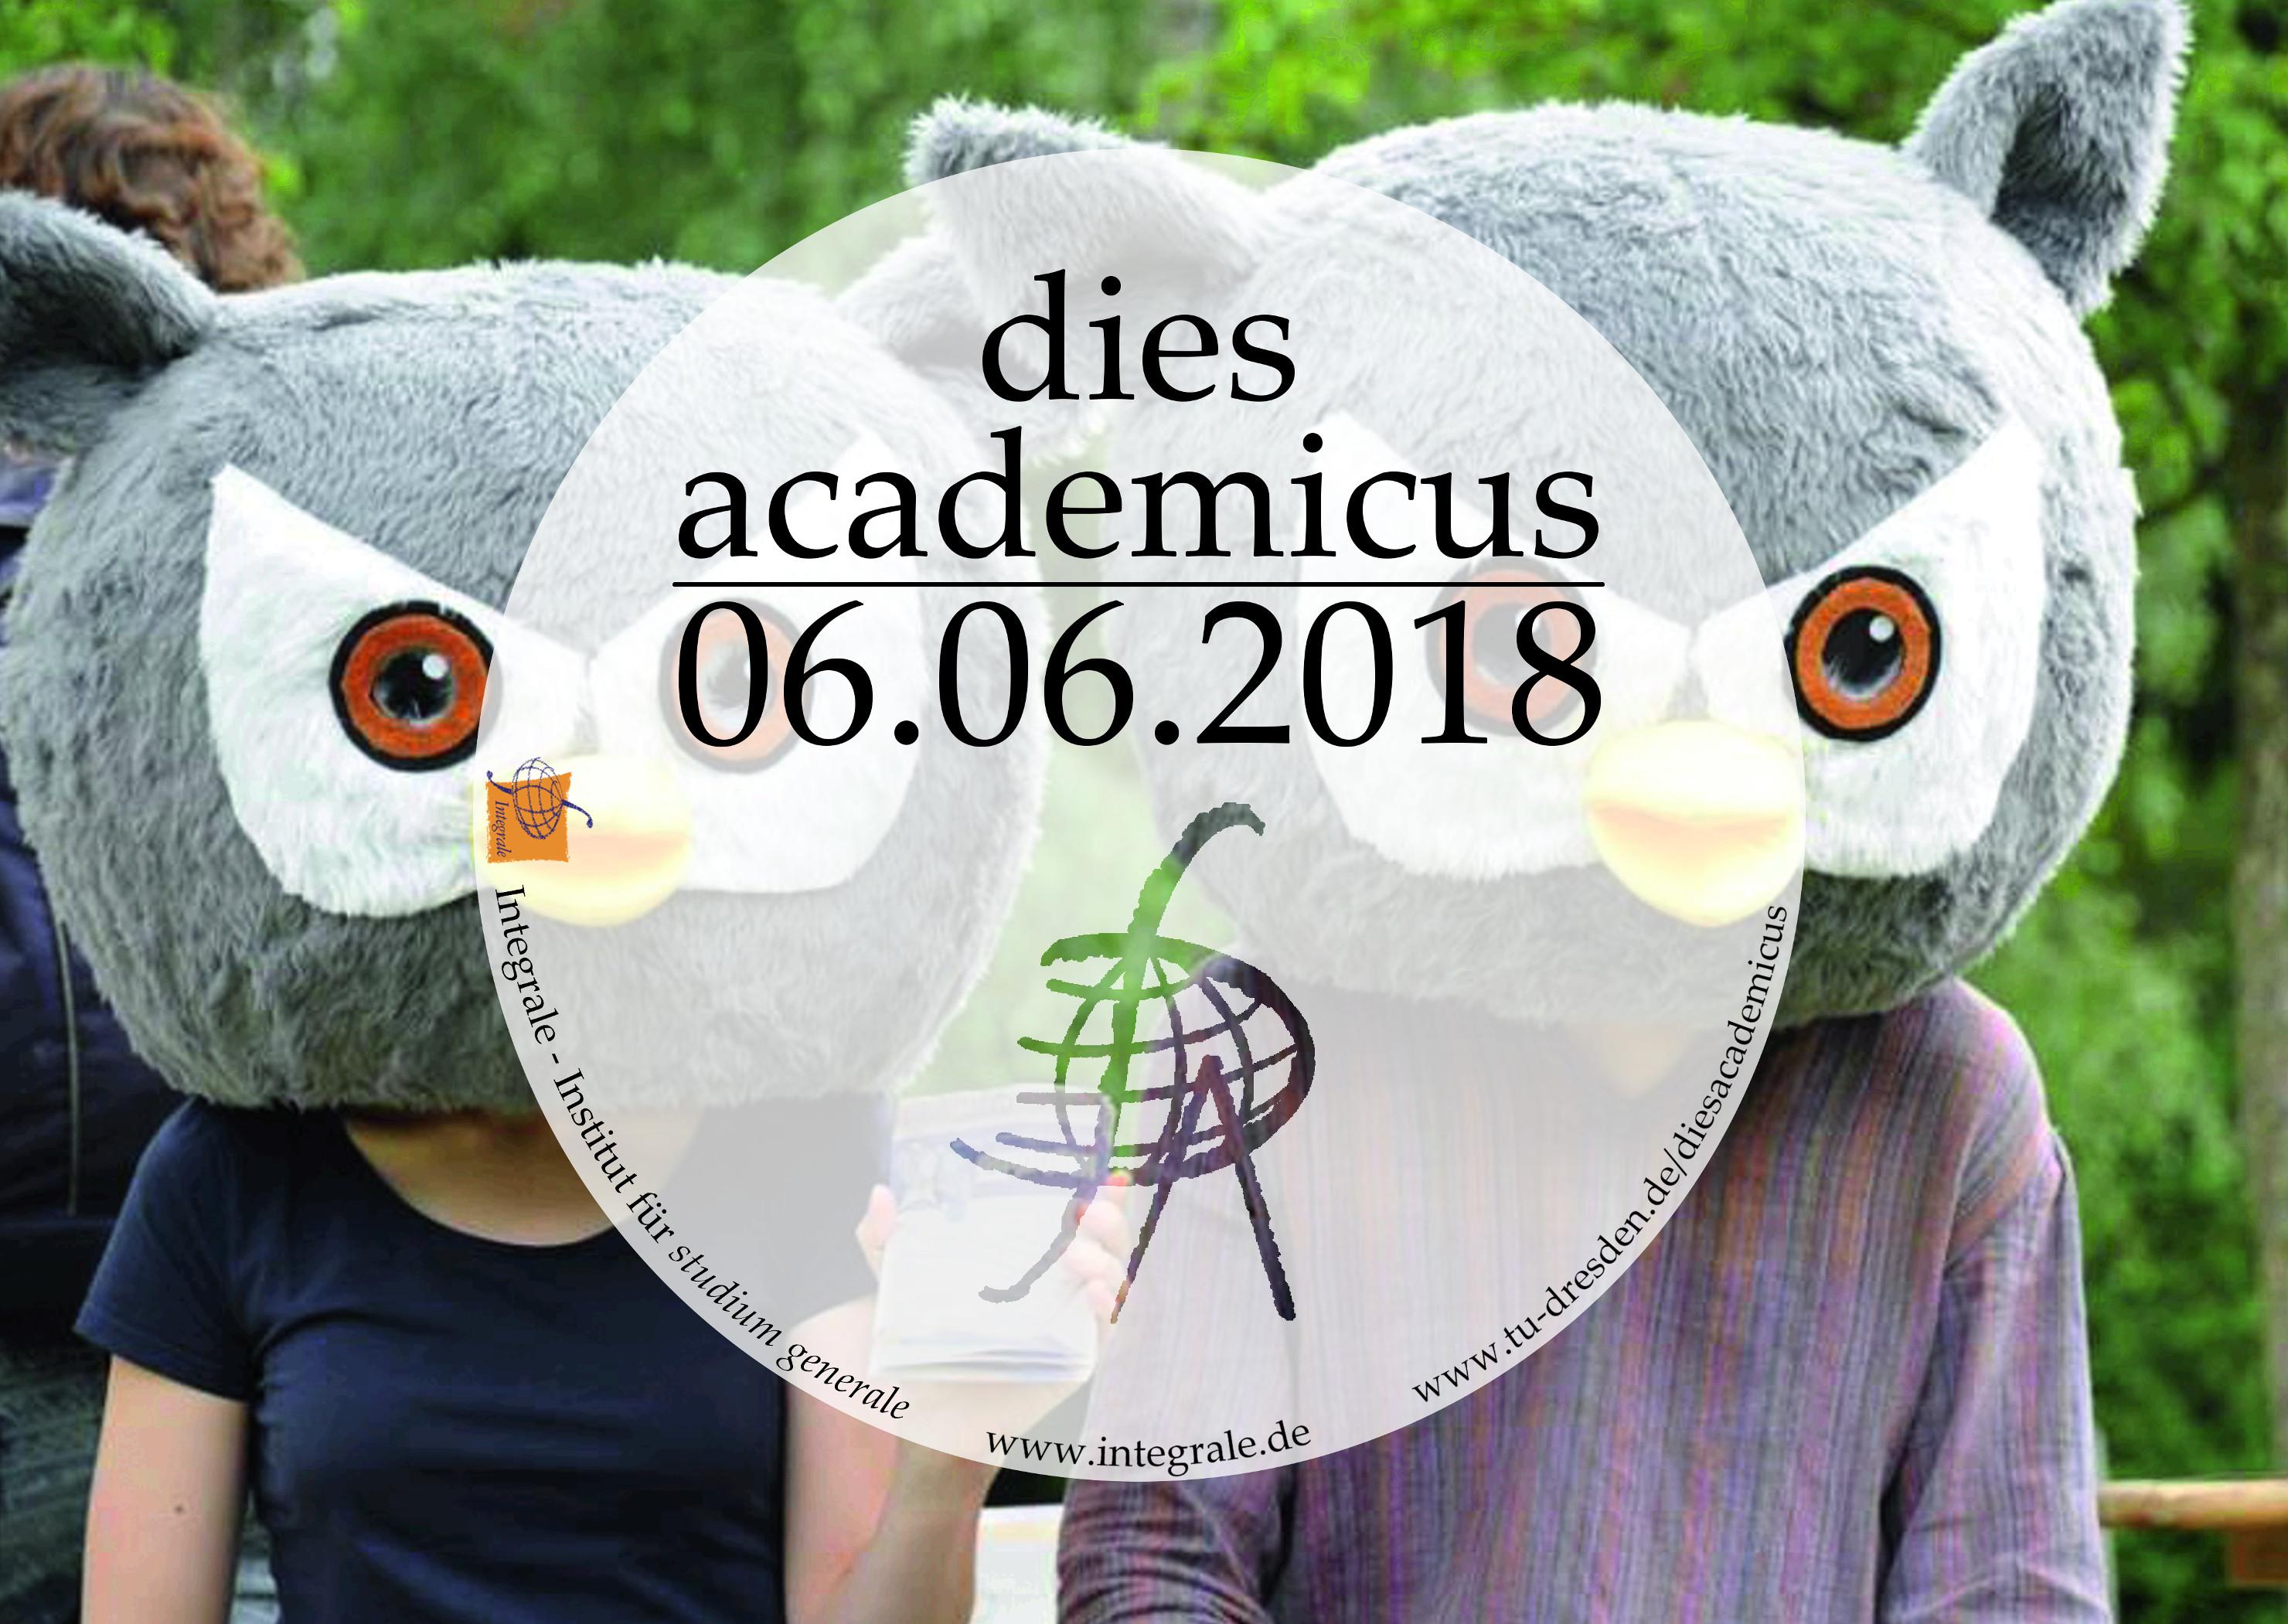 dies academicus 2018